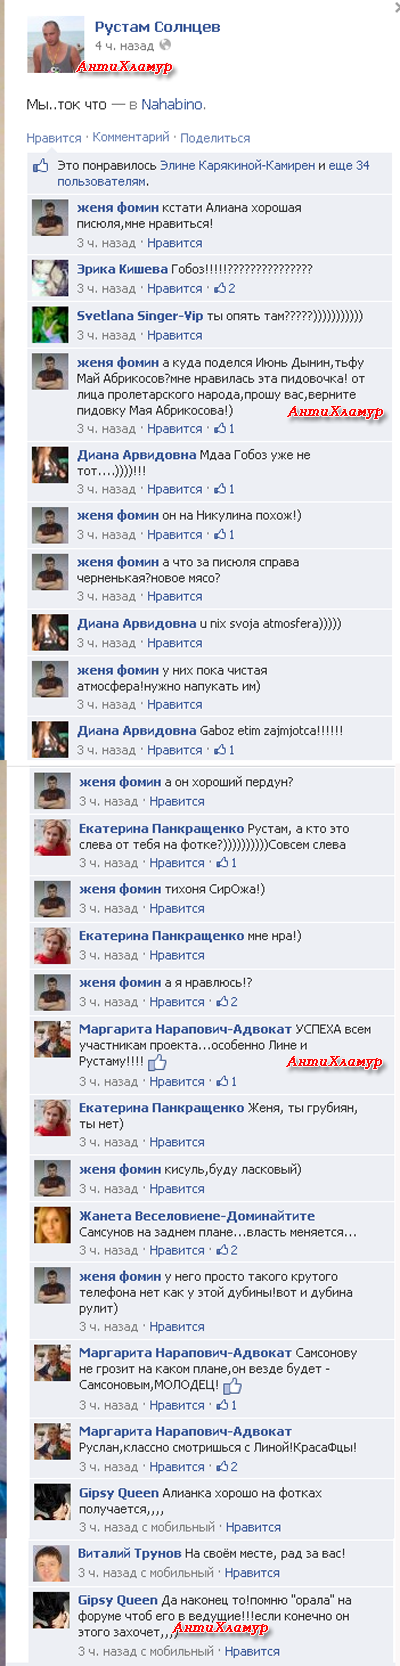 Рустам Колганов-Солнцев 8zlBp